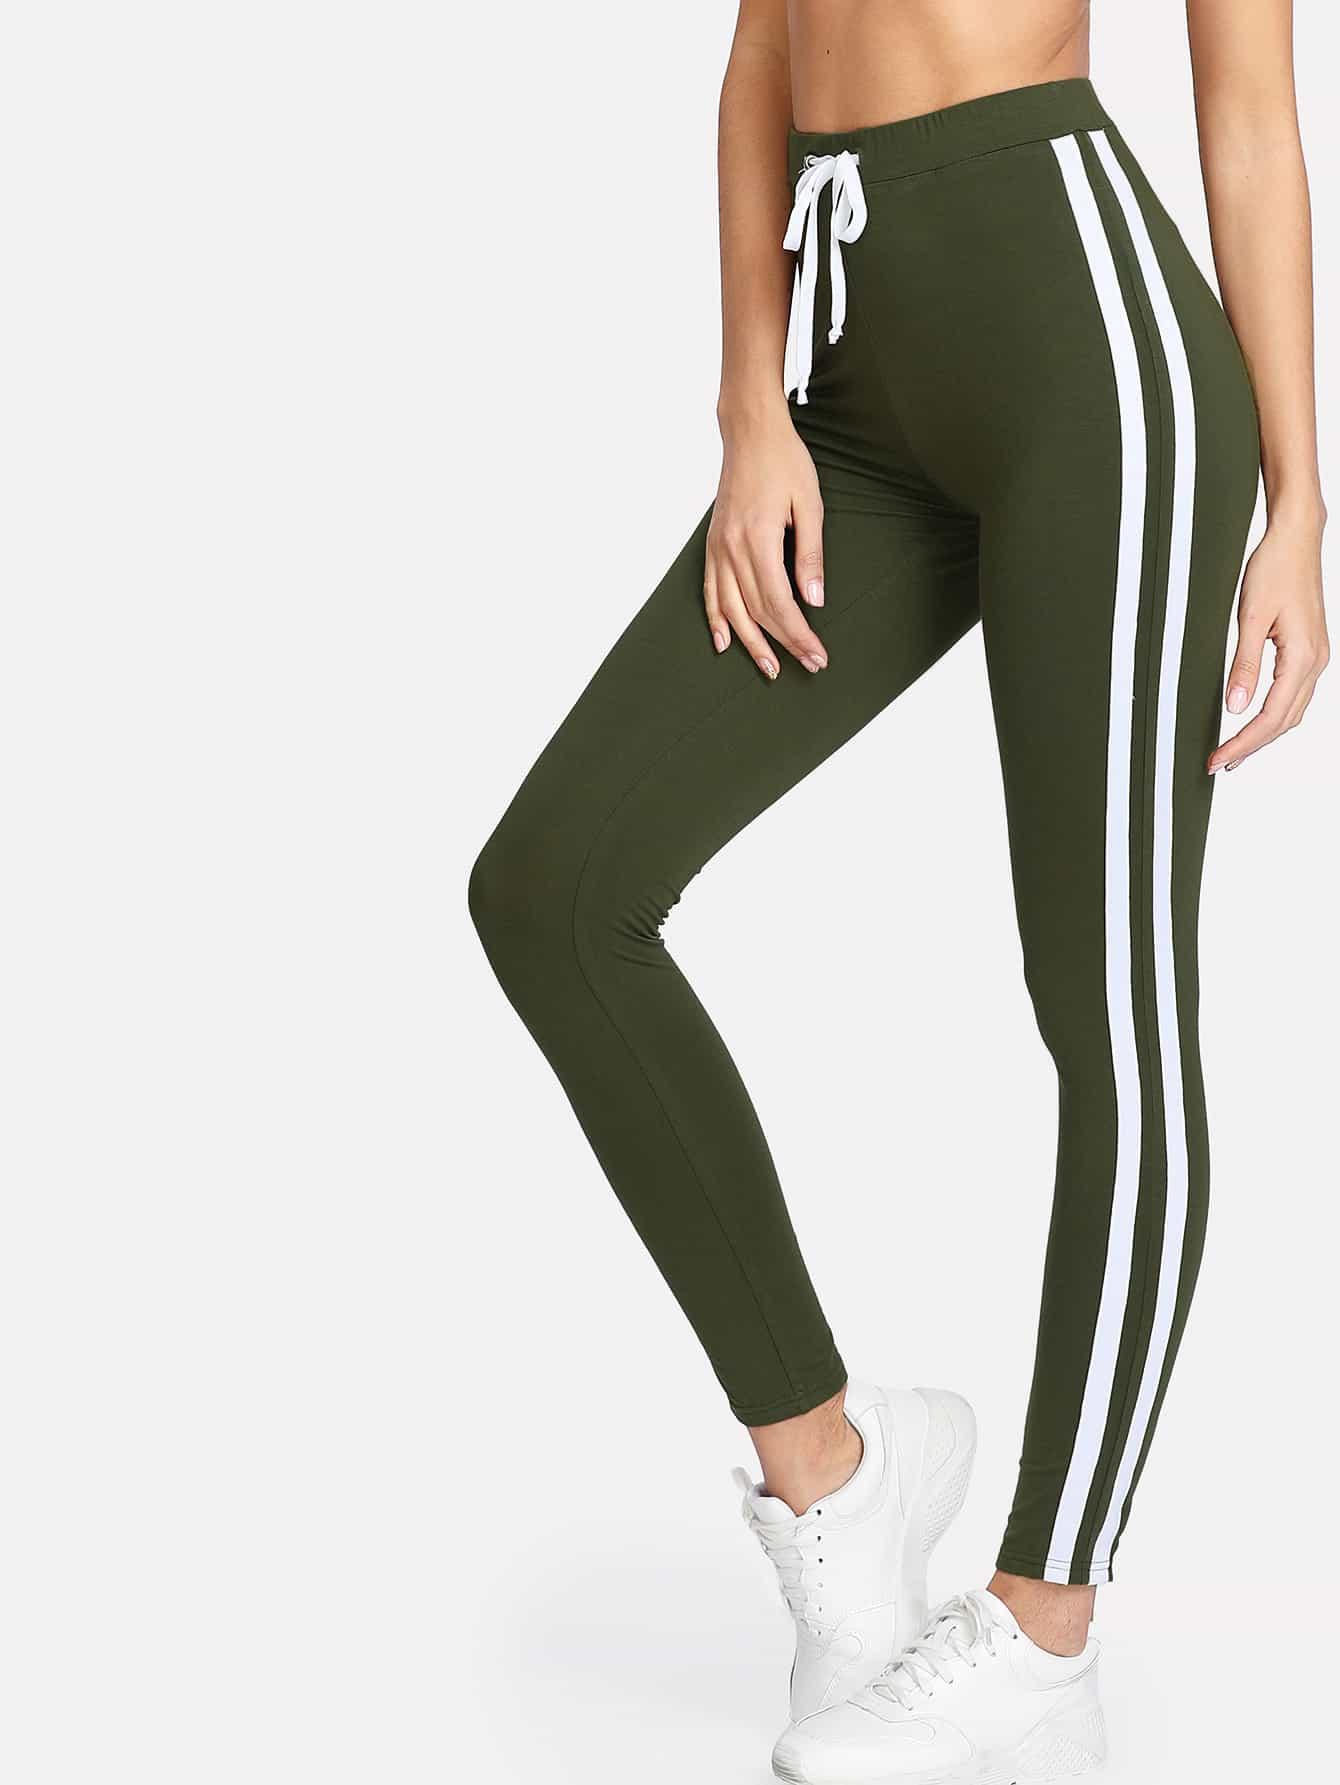 Contrast Tape Side Leggings lettering tape side skinny leggings